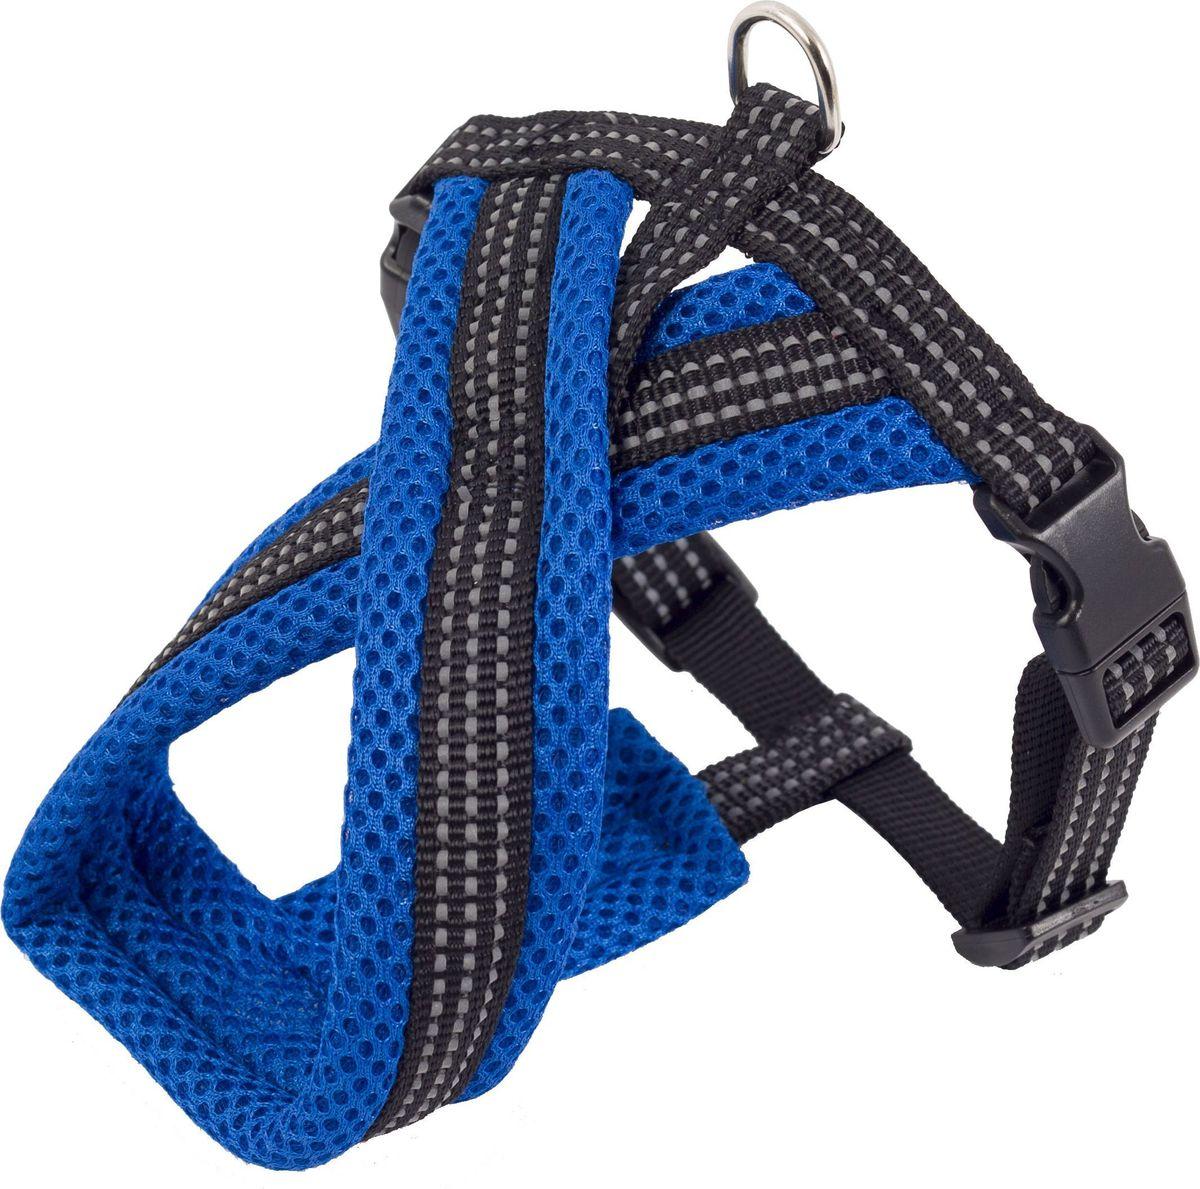 Шлейка для собак Каскад, цвет: синий, 2 х 40 х 44-55 см01220016-06Шлейка, изготовленная из прочного нейлона и дополнена мягкой подкладкой. Крепкие металлические и пластиковые элементы делают ее надежной и долговечной. Шлейка - это альтернатива ошейнику. Правильно подобранная шлейка не стесняет движения питомца, не натирает кожу, поэтому животное чувствует себя в ней уверенно и комфортно. Размер регулируется при помощи пряжки. Изделие дополнено светоотражающим элементом.